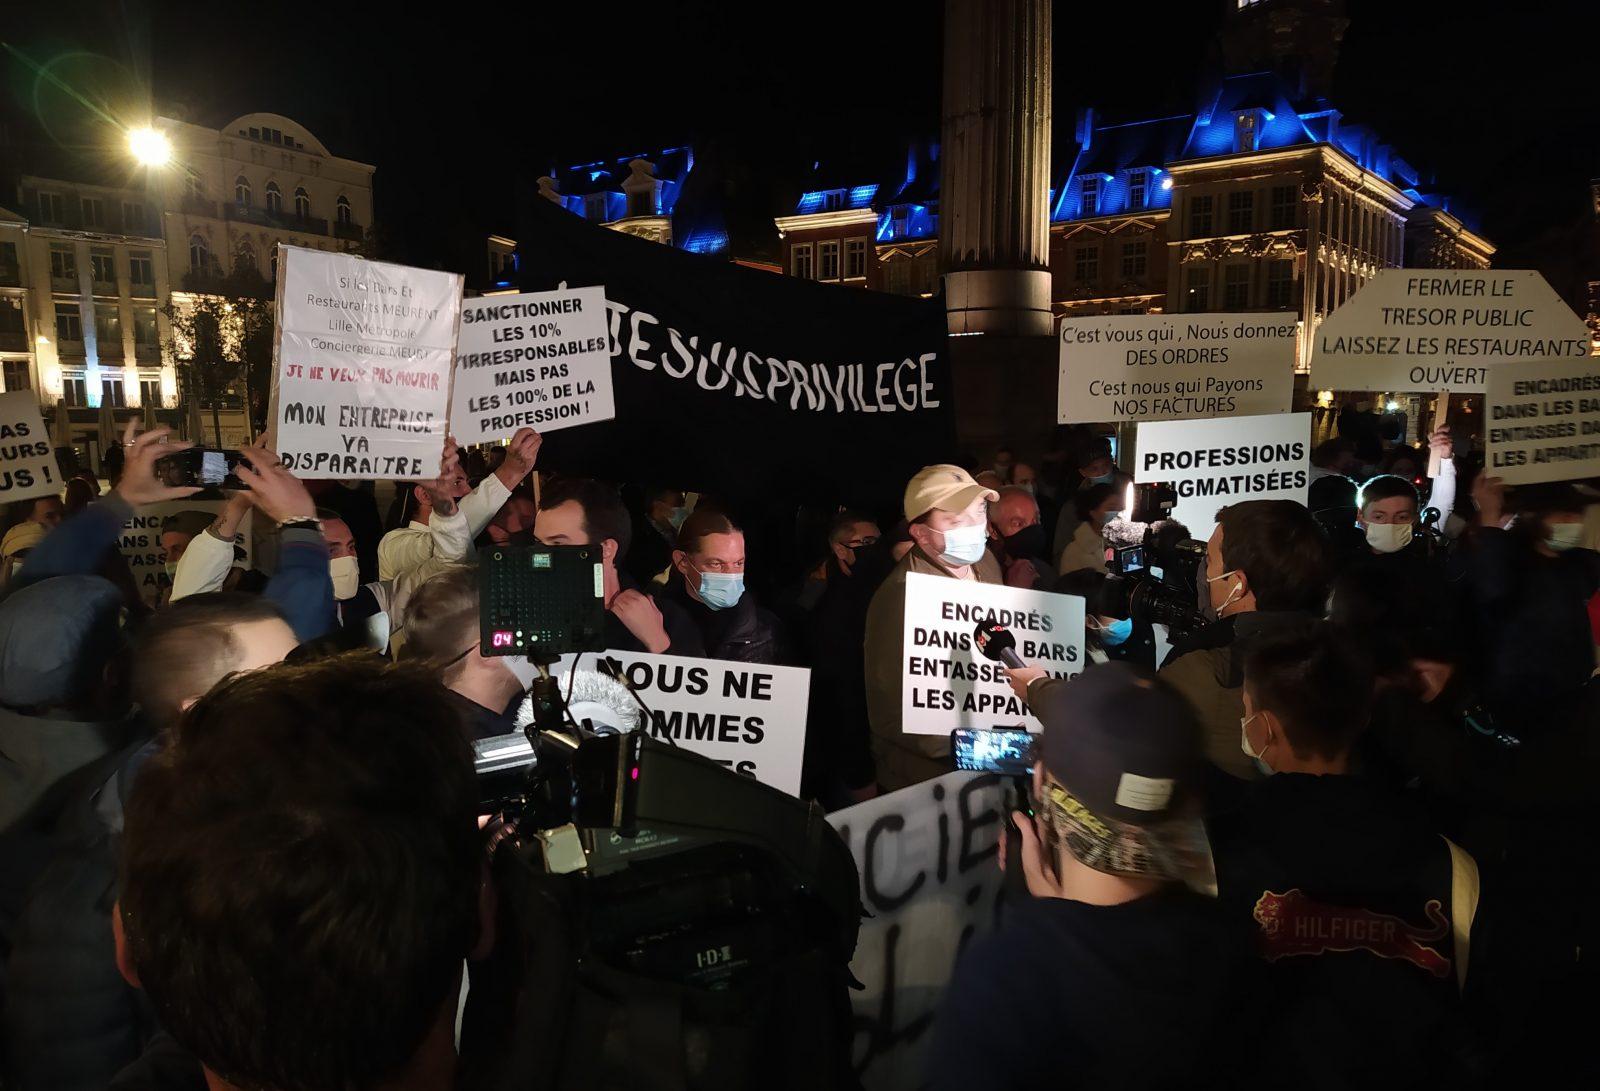 Manifestation contre la fermeture des bars à 22 heures, le 29 septembre 2020. © Alex Béraud